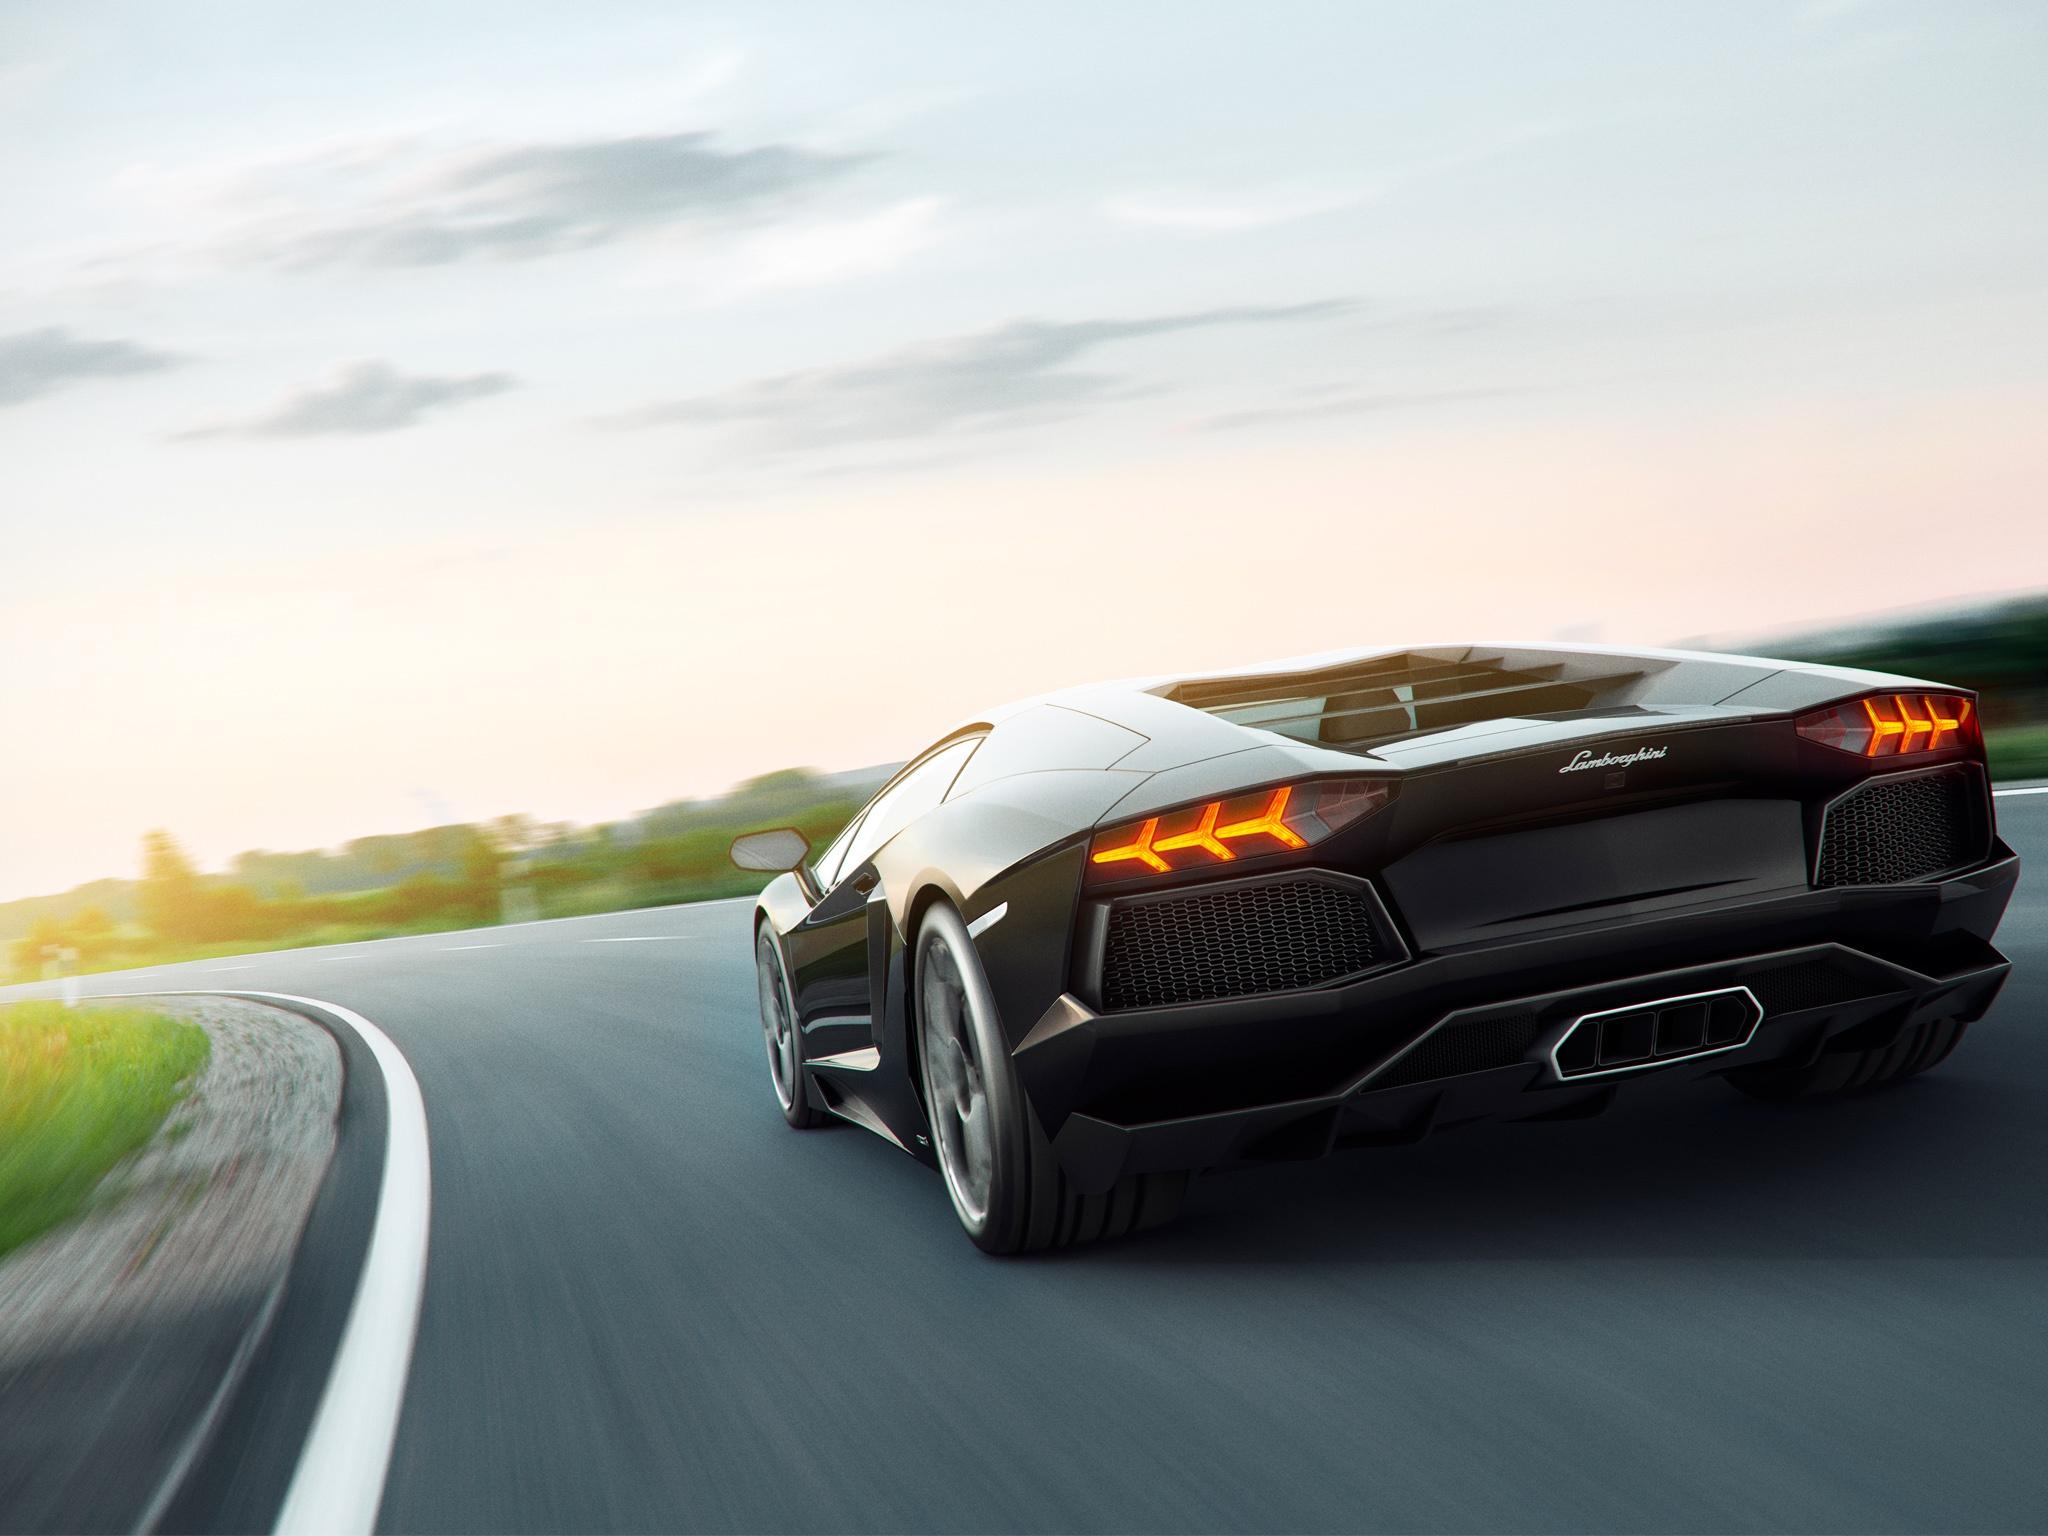 Fondos de pantalla Lamborghini Aventador art HD 525 2048x1536